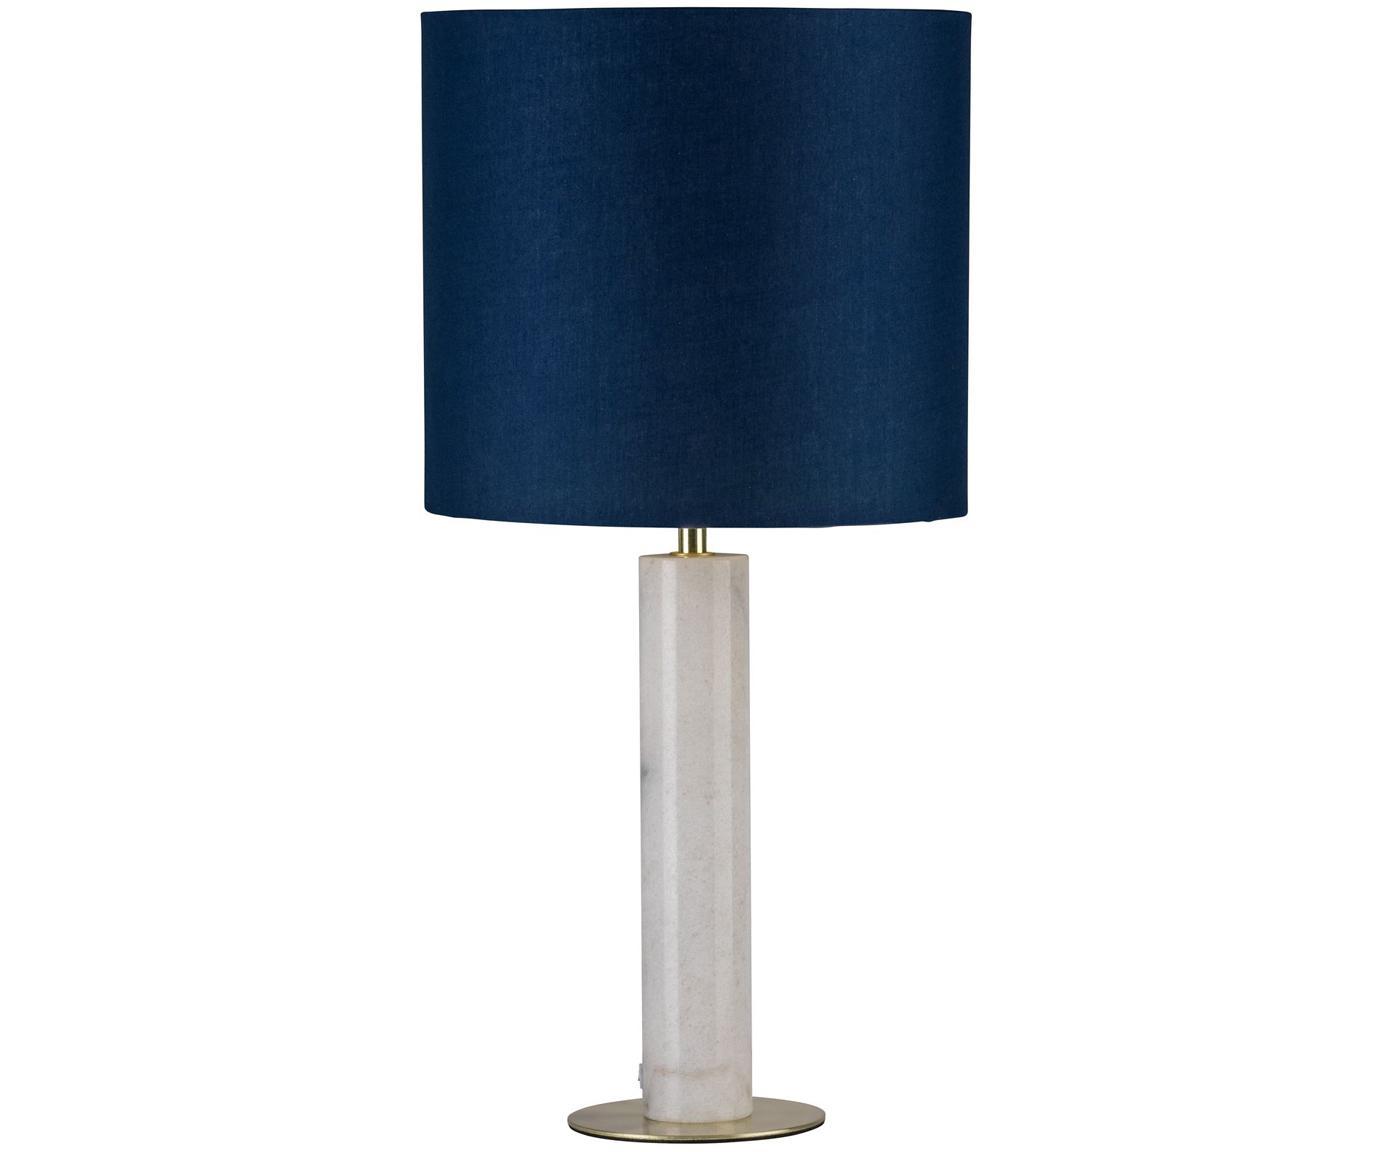 Marmor-Tischleuchte Olar, Lampenschirm: Polyester, Lampenfuß: Marmor, Dunkelblau, Weiß, Ø 25 x H 51 cm